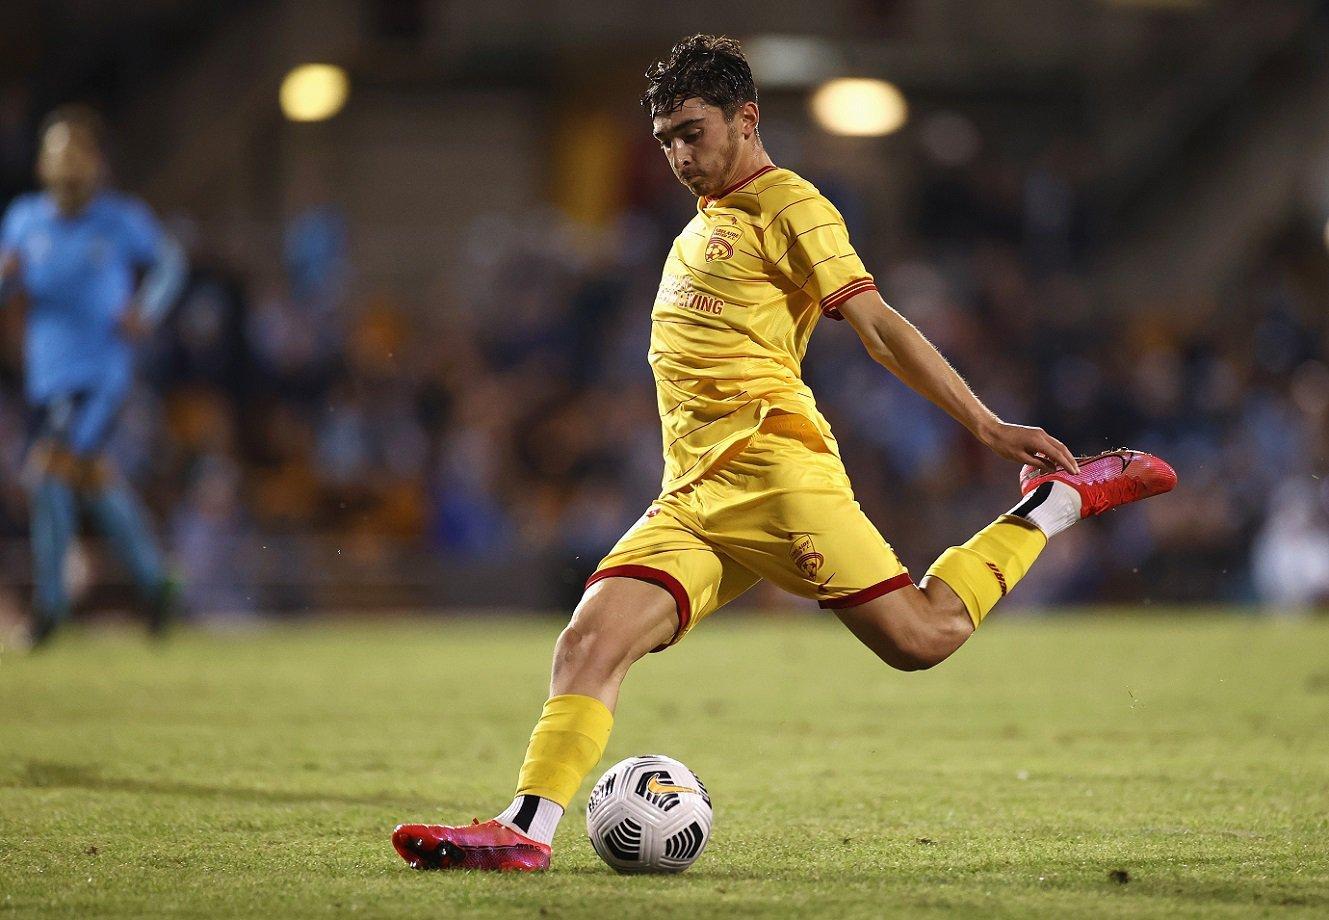 Jogador da 1ª divisão do futebol da Austrália se declara homossexual